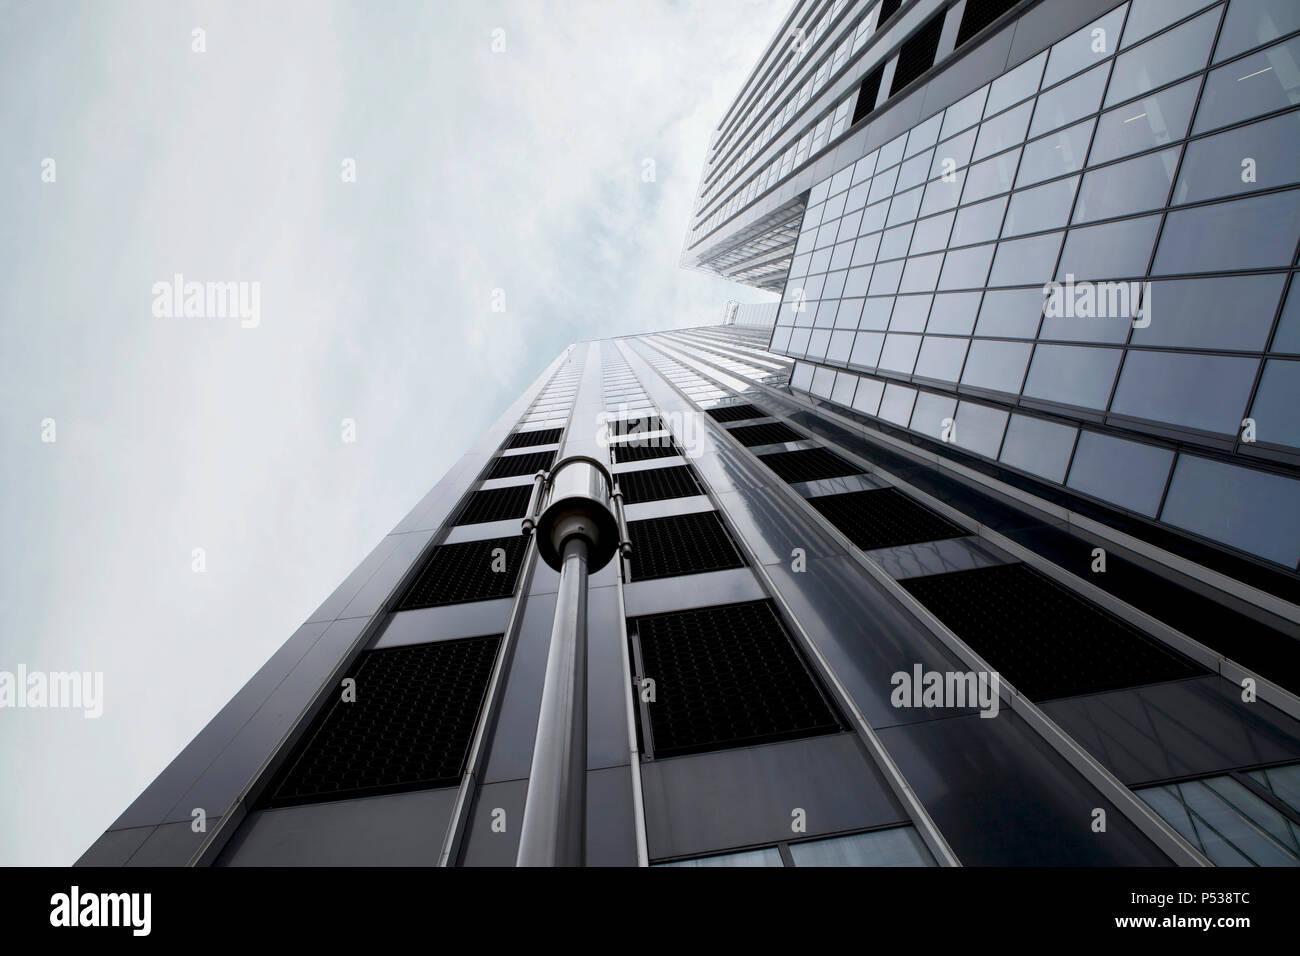 Skyscraper in Rotterdam - Stock Image